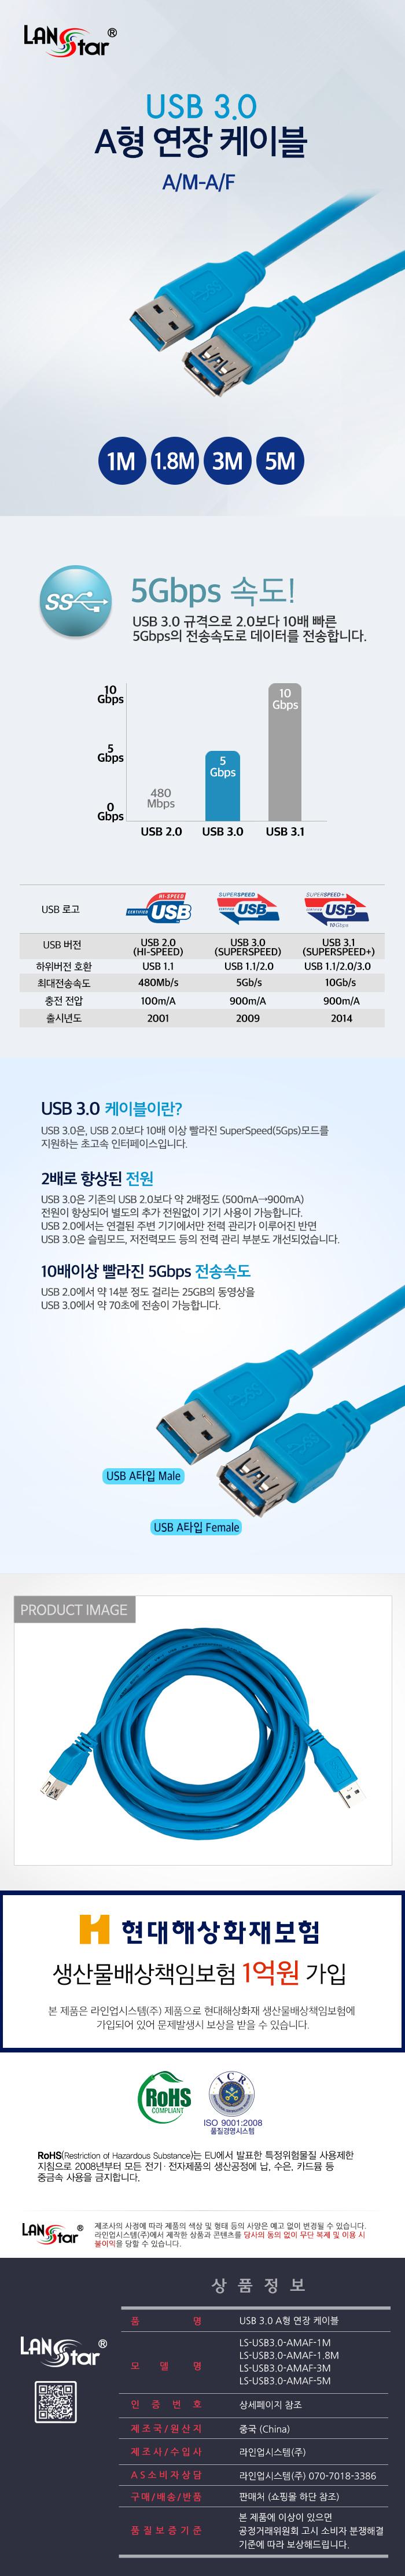 라인업시스템 LANSTAR USB 3.0 A형 연장 케이블 (LS-USB3.0-AMAF, 3m)